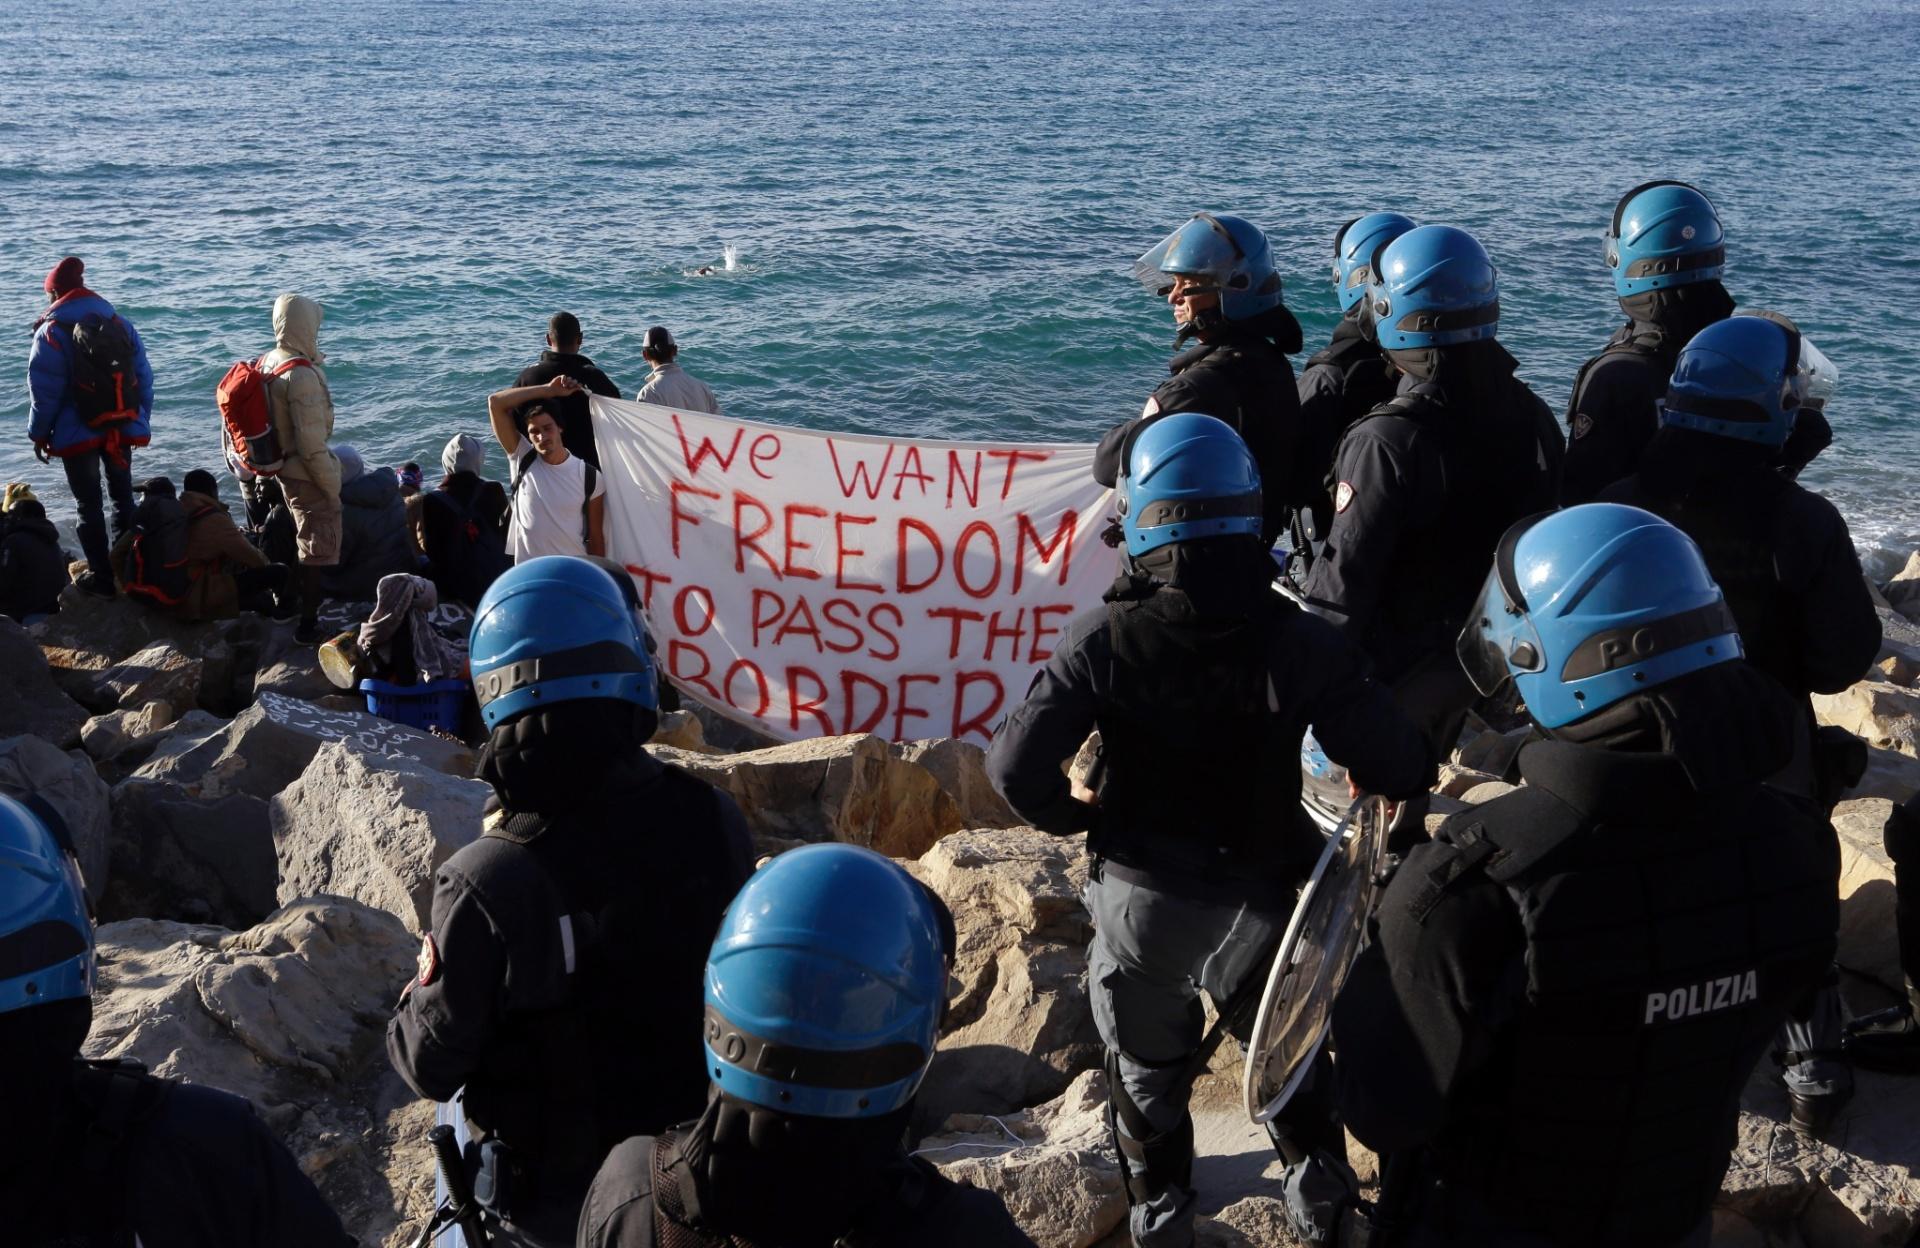 30.set.2015 - Refugiados e imigrantes protestam contra o fechamento do acampamento para refugiados em Ventimiglia, na Itália, fronteira com a França. A Jusitça italiana tomou a decisão cumprida pela Polícia. Cerca de 50 pessoas foram retiradas do local